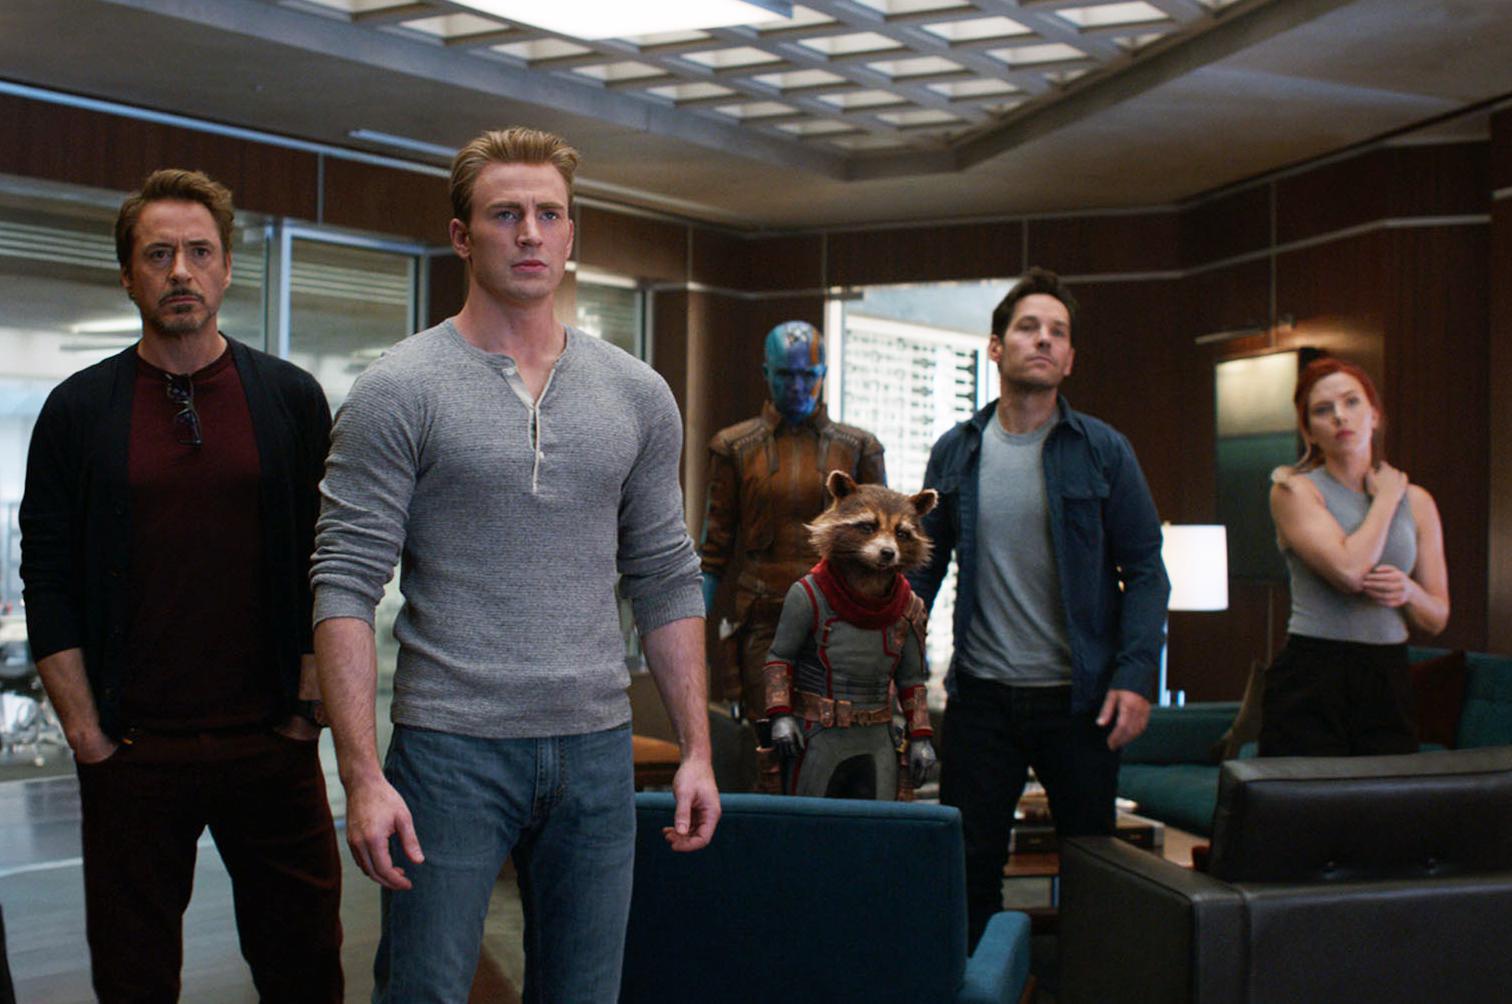 Home video: 'Avengers: Endgame' now on digital